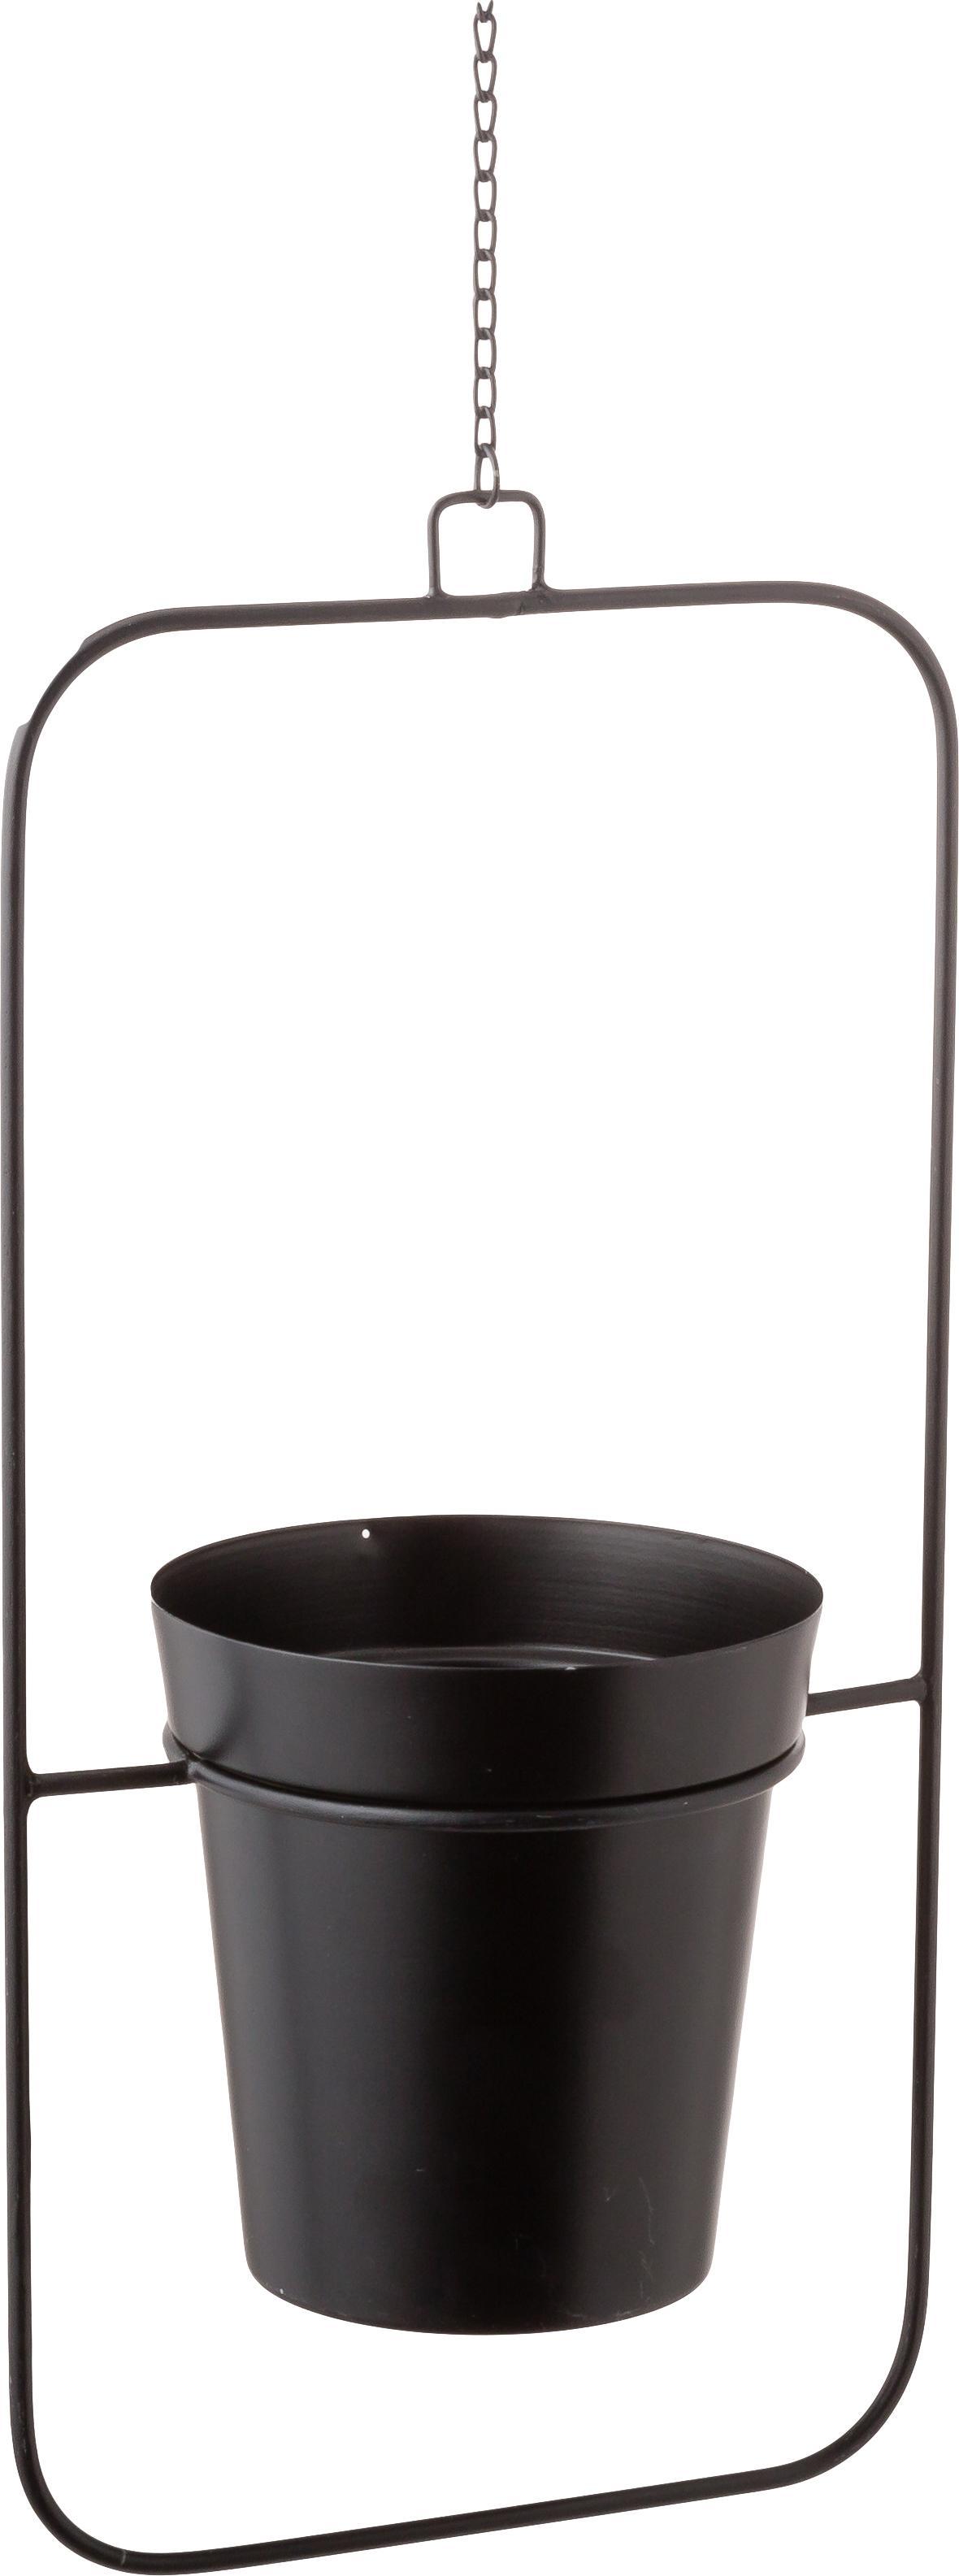 Wisząca osłonka na doniczkę Undine, Metal lakierowany, Czarny, S 21 x W 42 cm